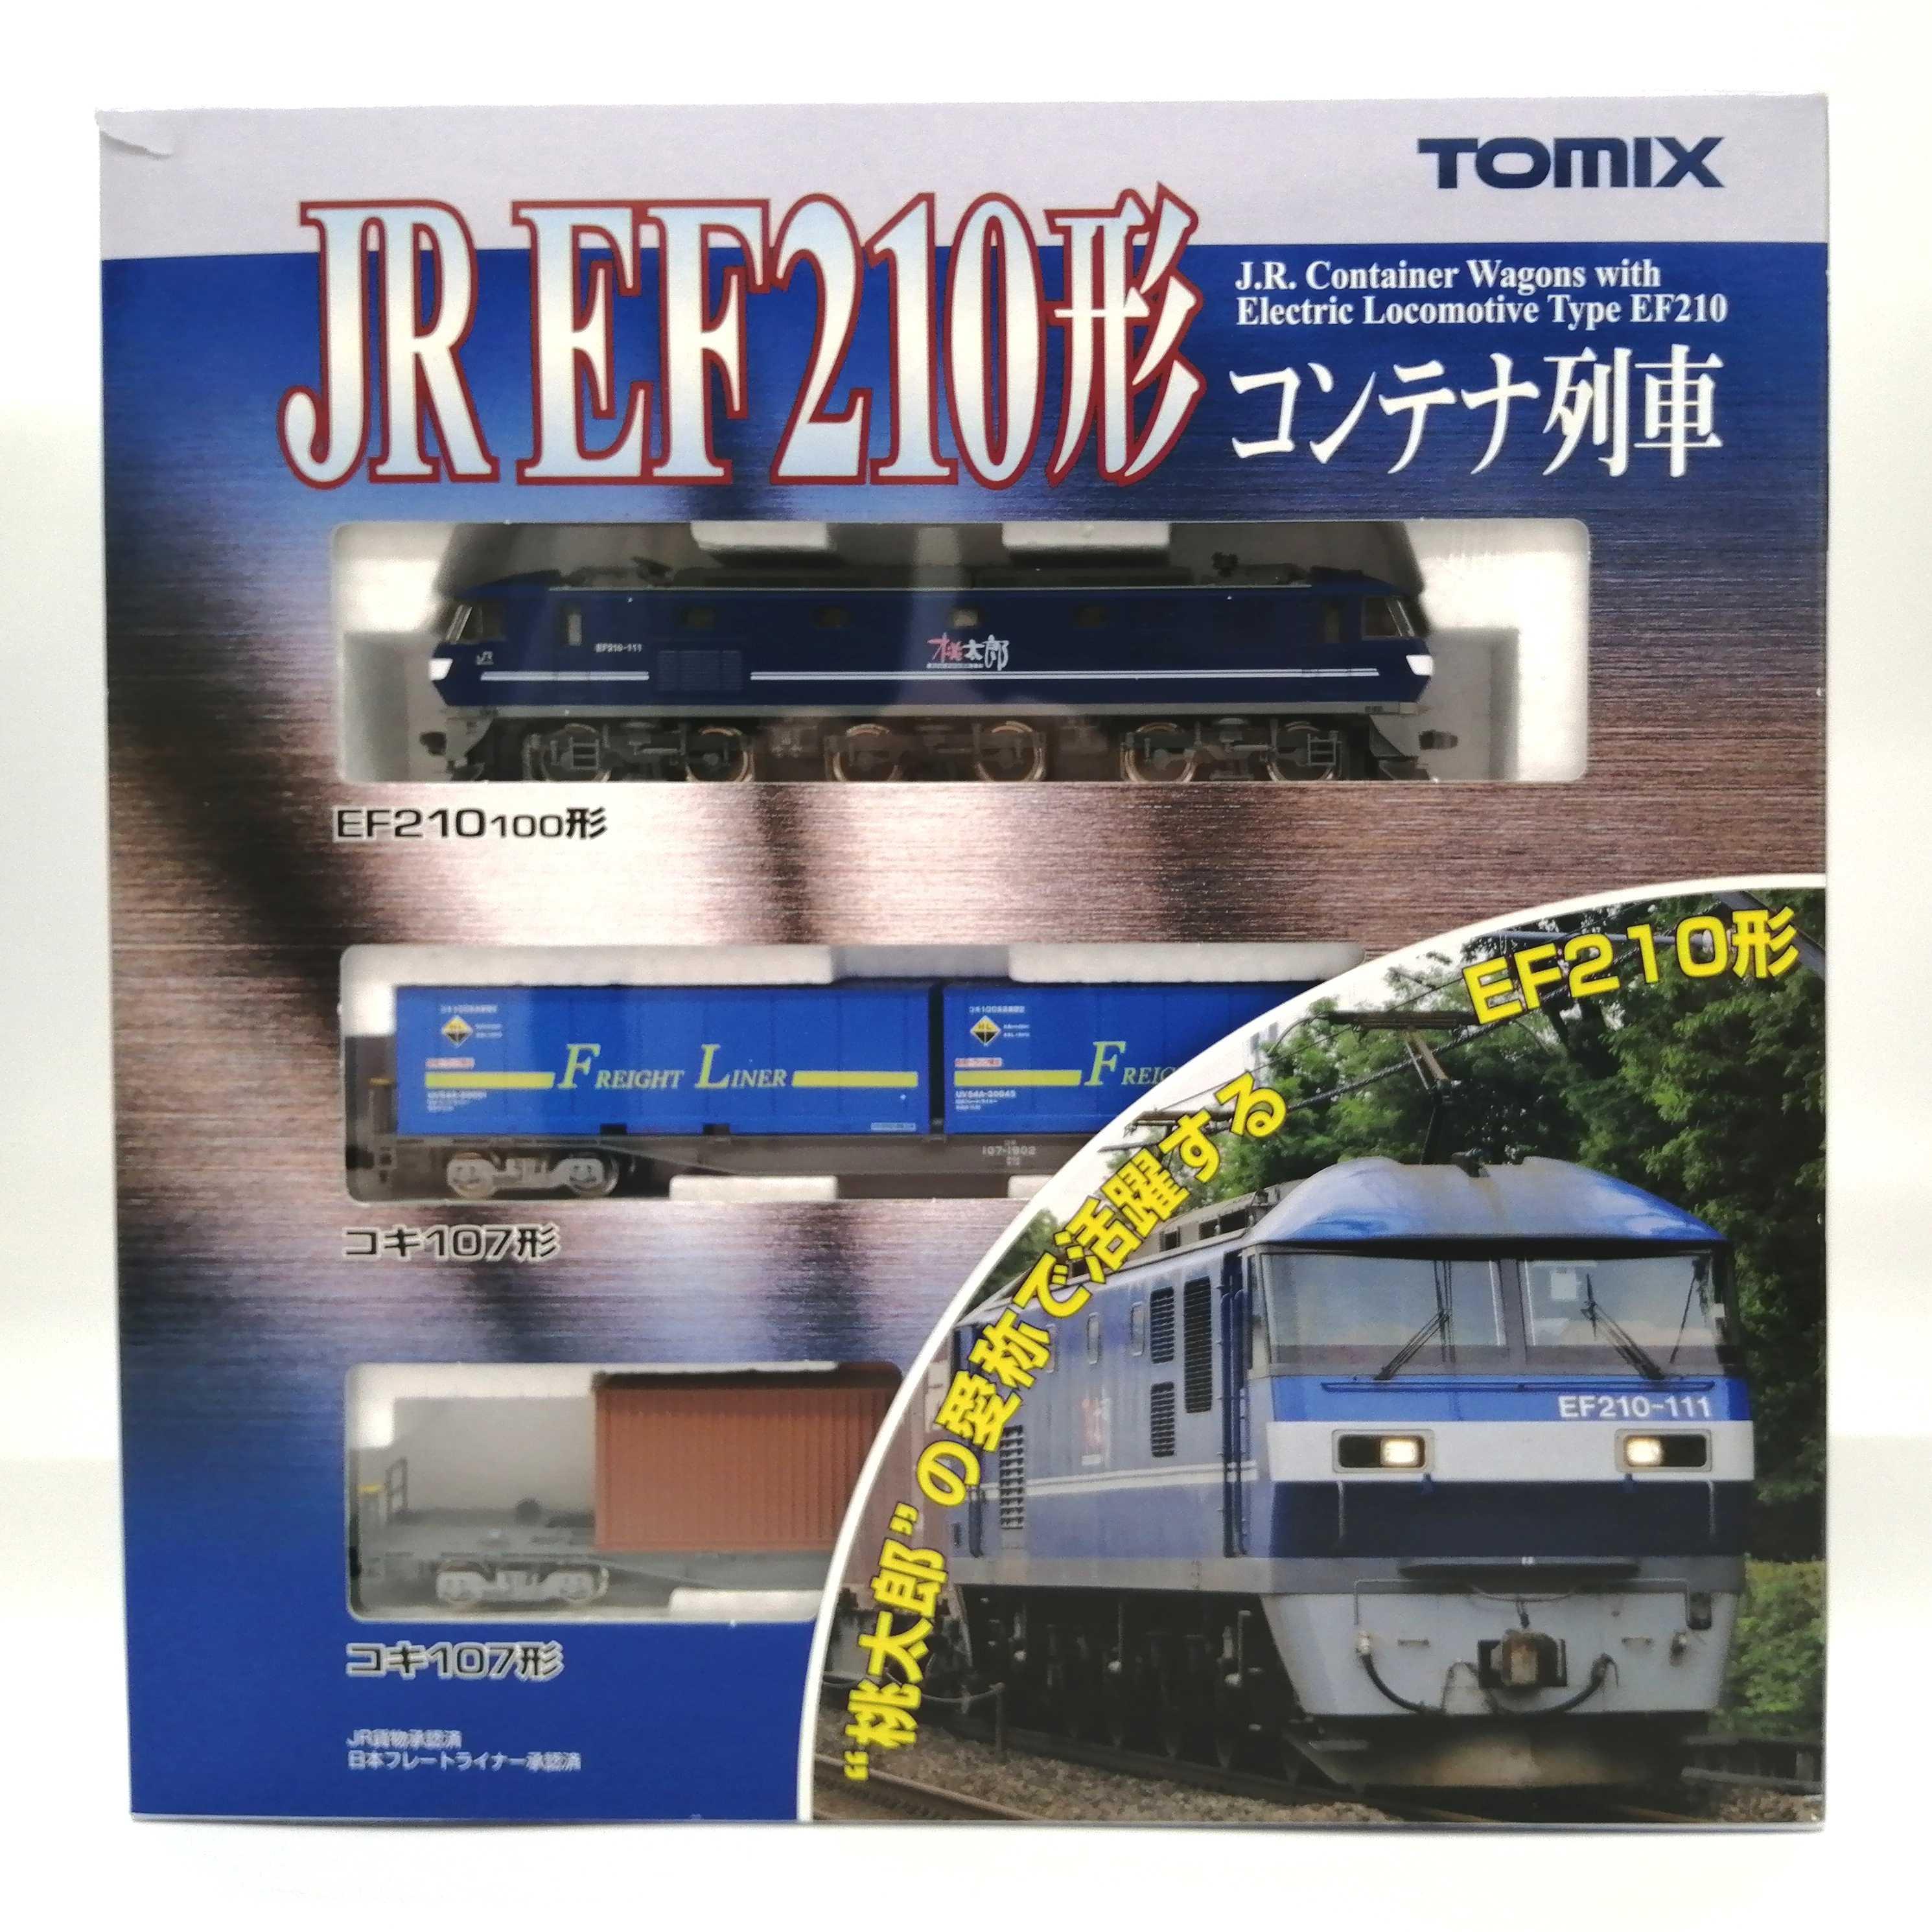 JR EF210形 コンテナ列車|TOMIX